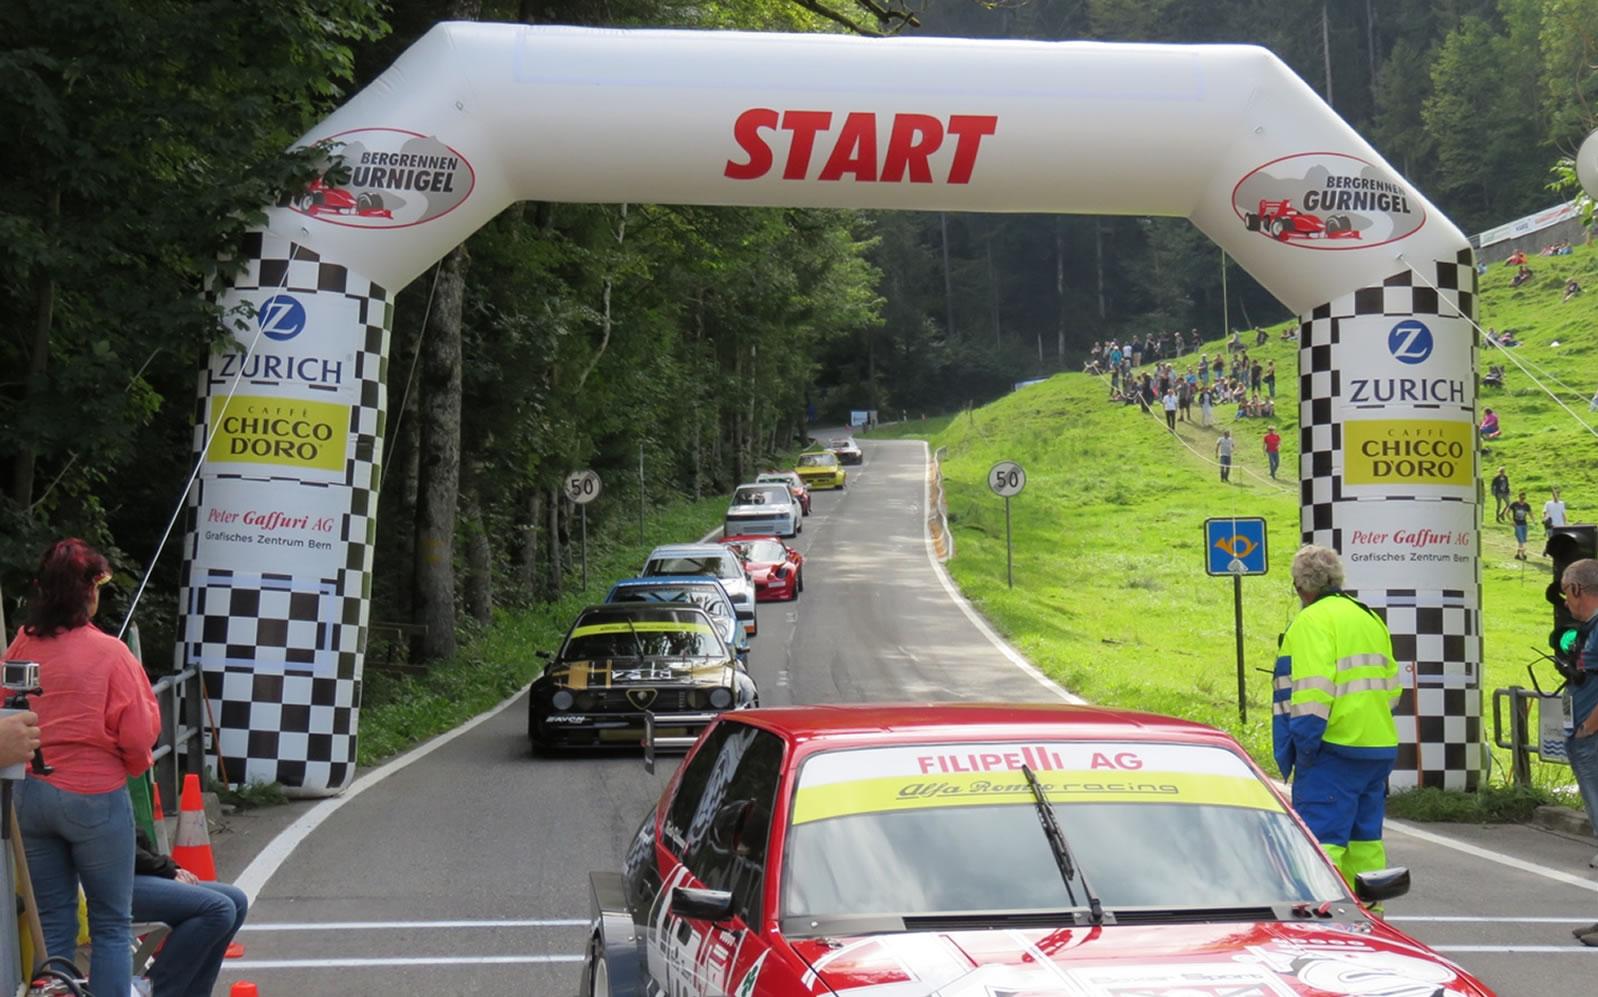 Autorennen und spannende Fahrzeuge am Gurnigel Bergrennen 2019